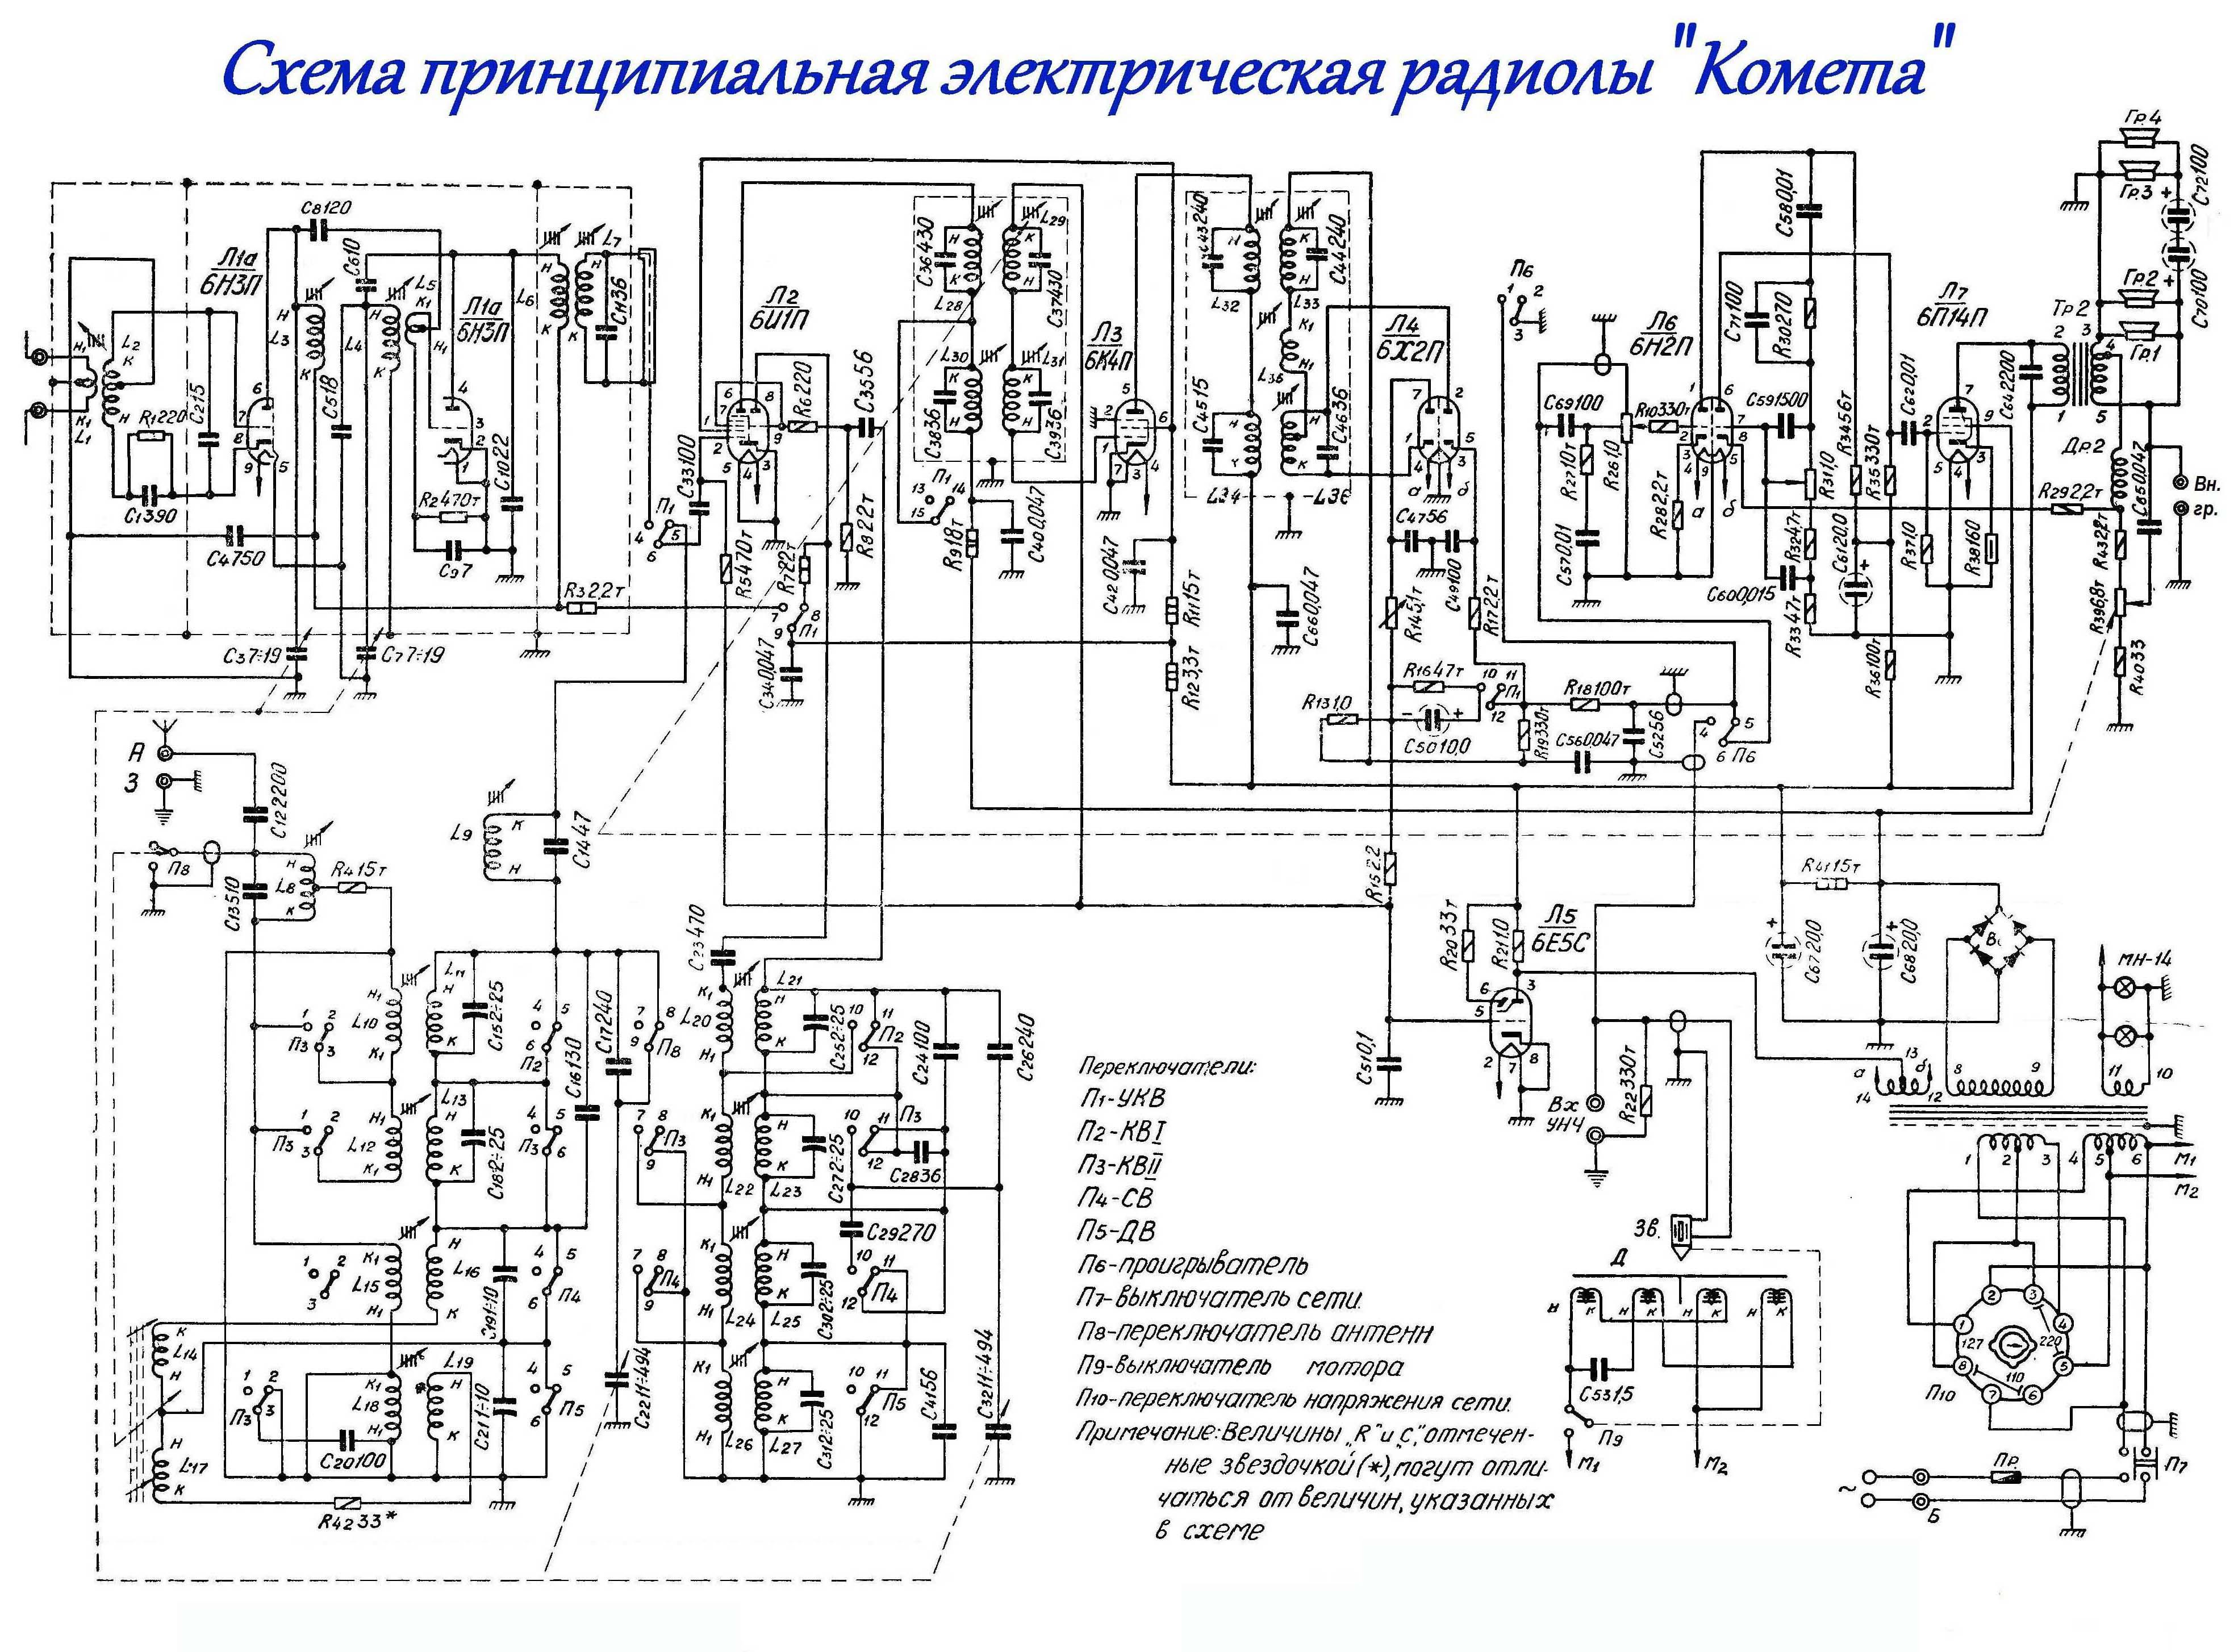 Магнитофоны ''Комета-225С'', ''Комета-225С-1'', ''Комета М ...